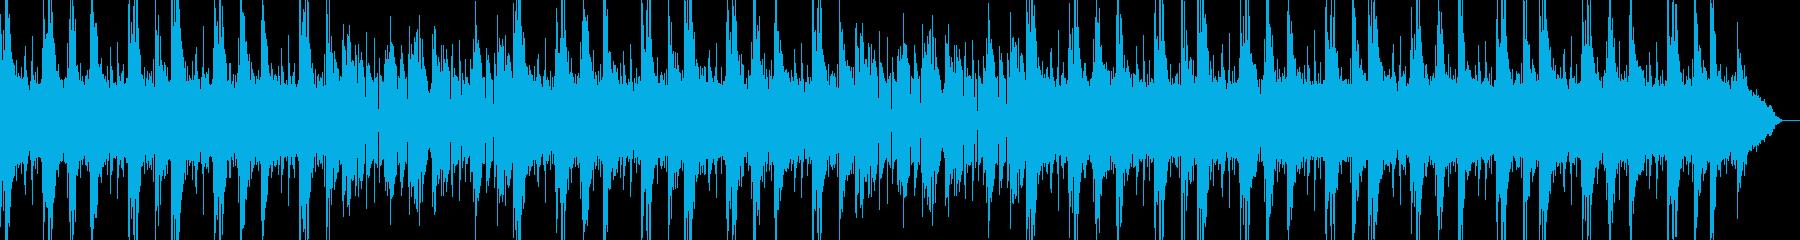 長めアンビエントバンドループBPM118の再生済みの波形